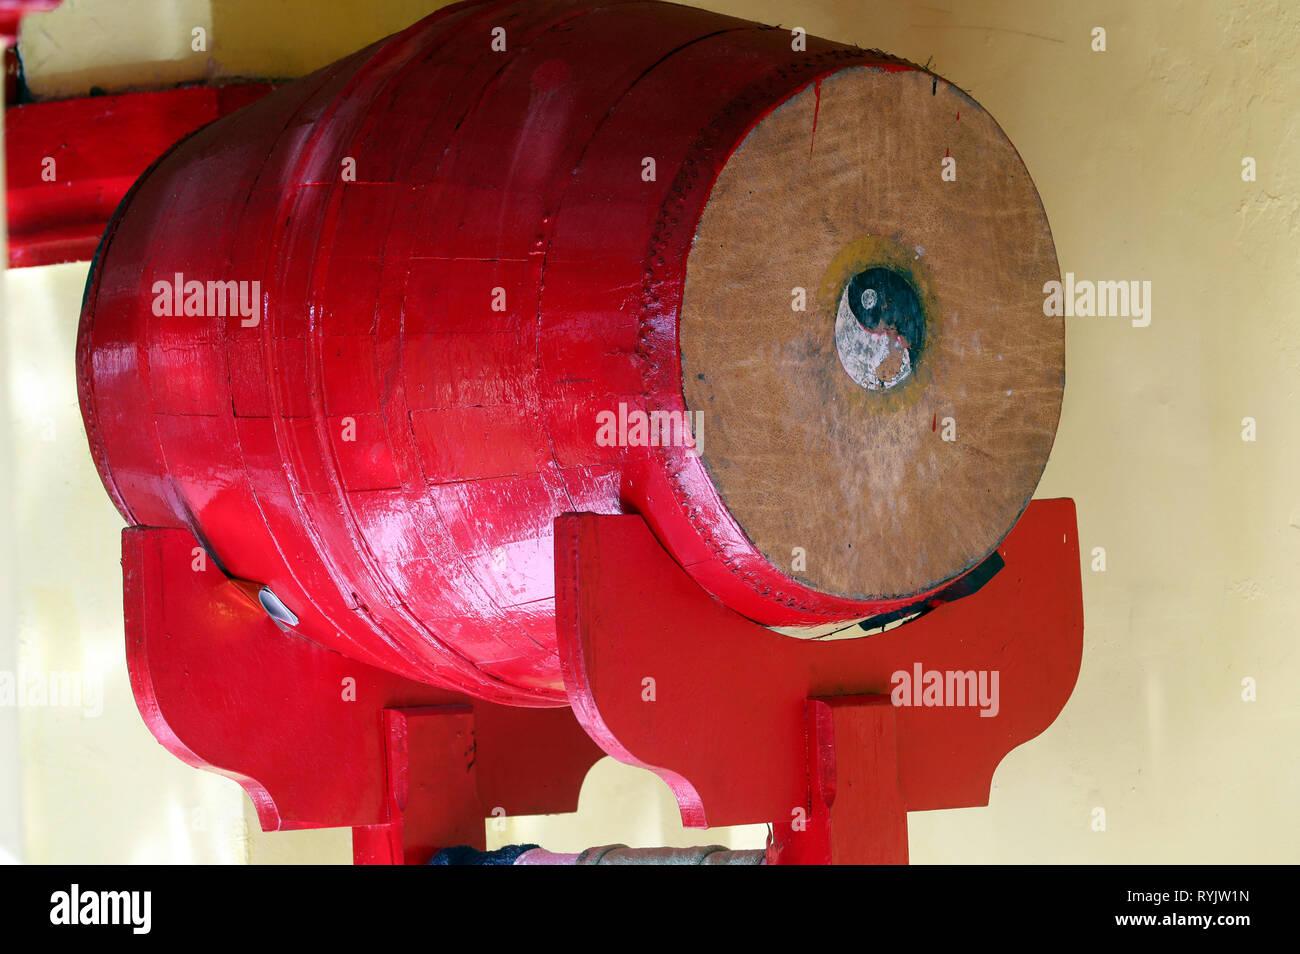 Rosso tamburo buddista con Ying e Yang simboli. Le ONGS Bon tempio buddista. Ha Tien. Il Vietnam. Immagini Stock